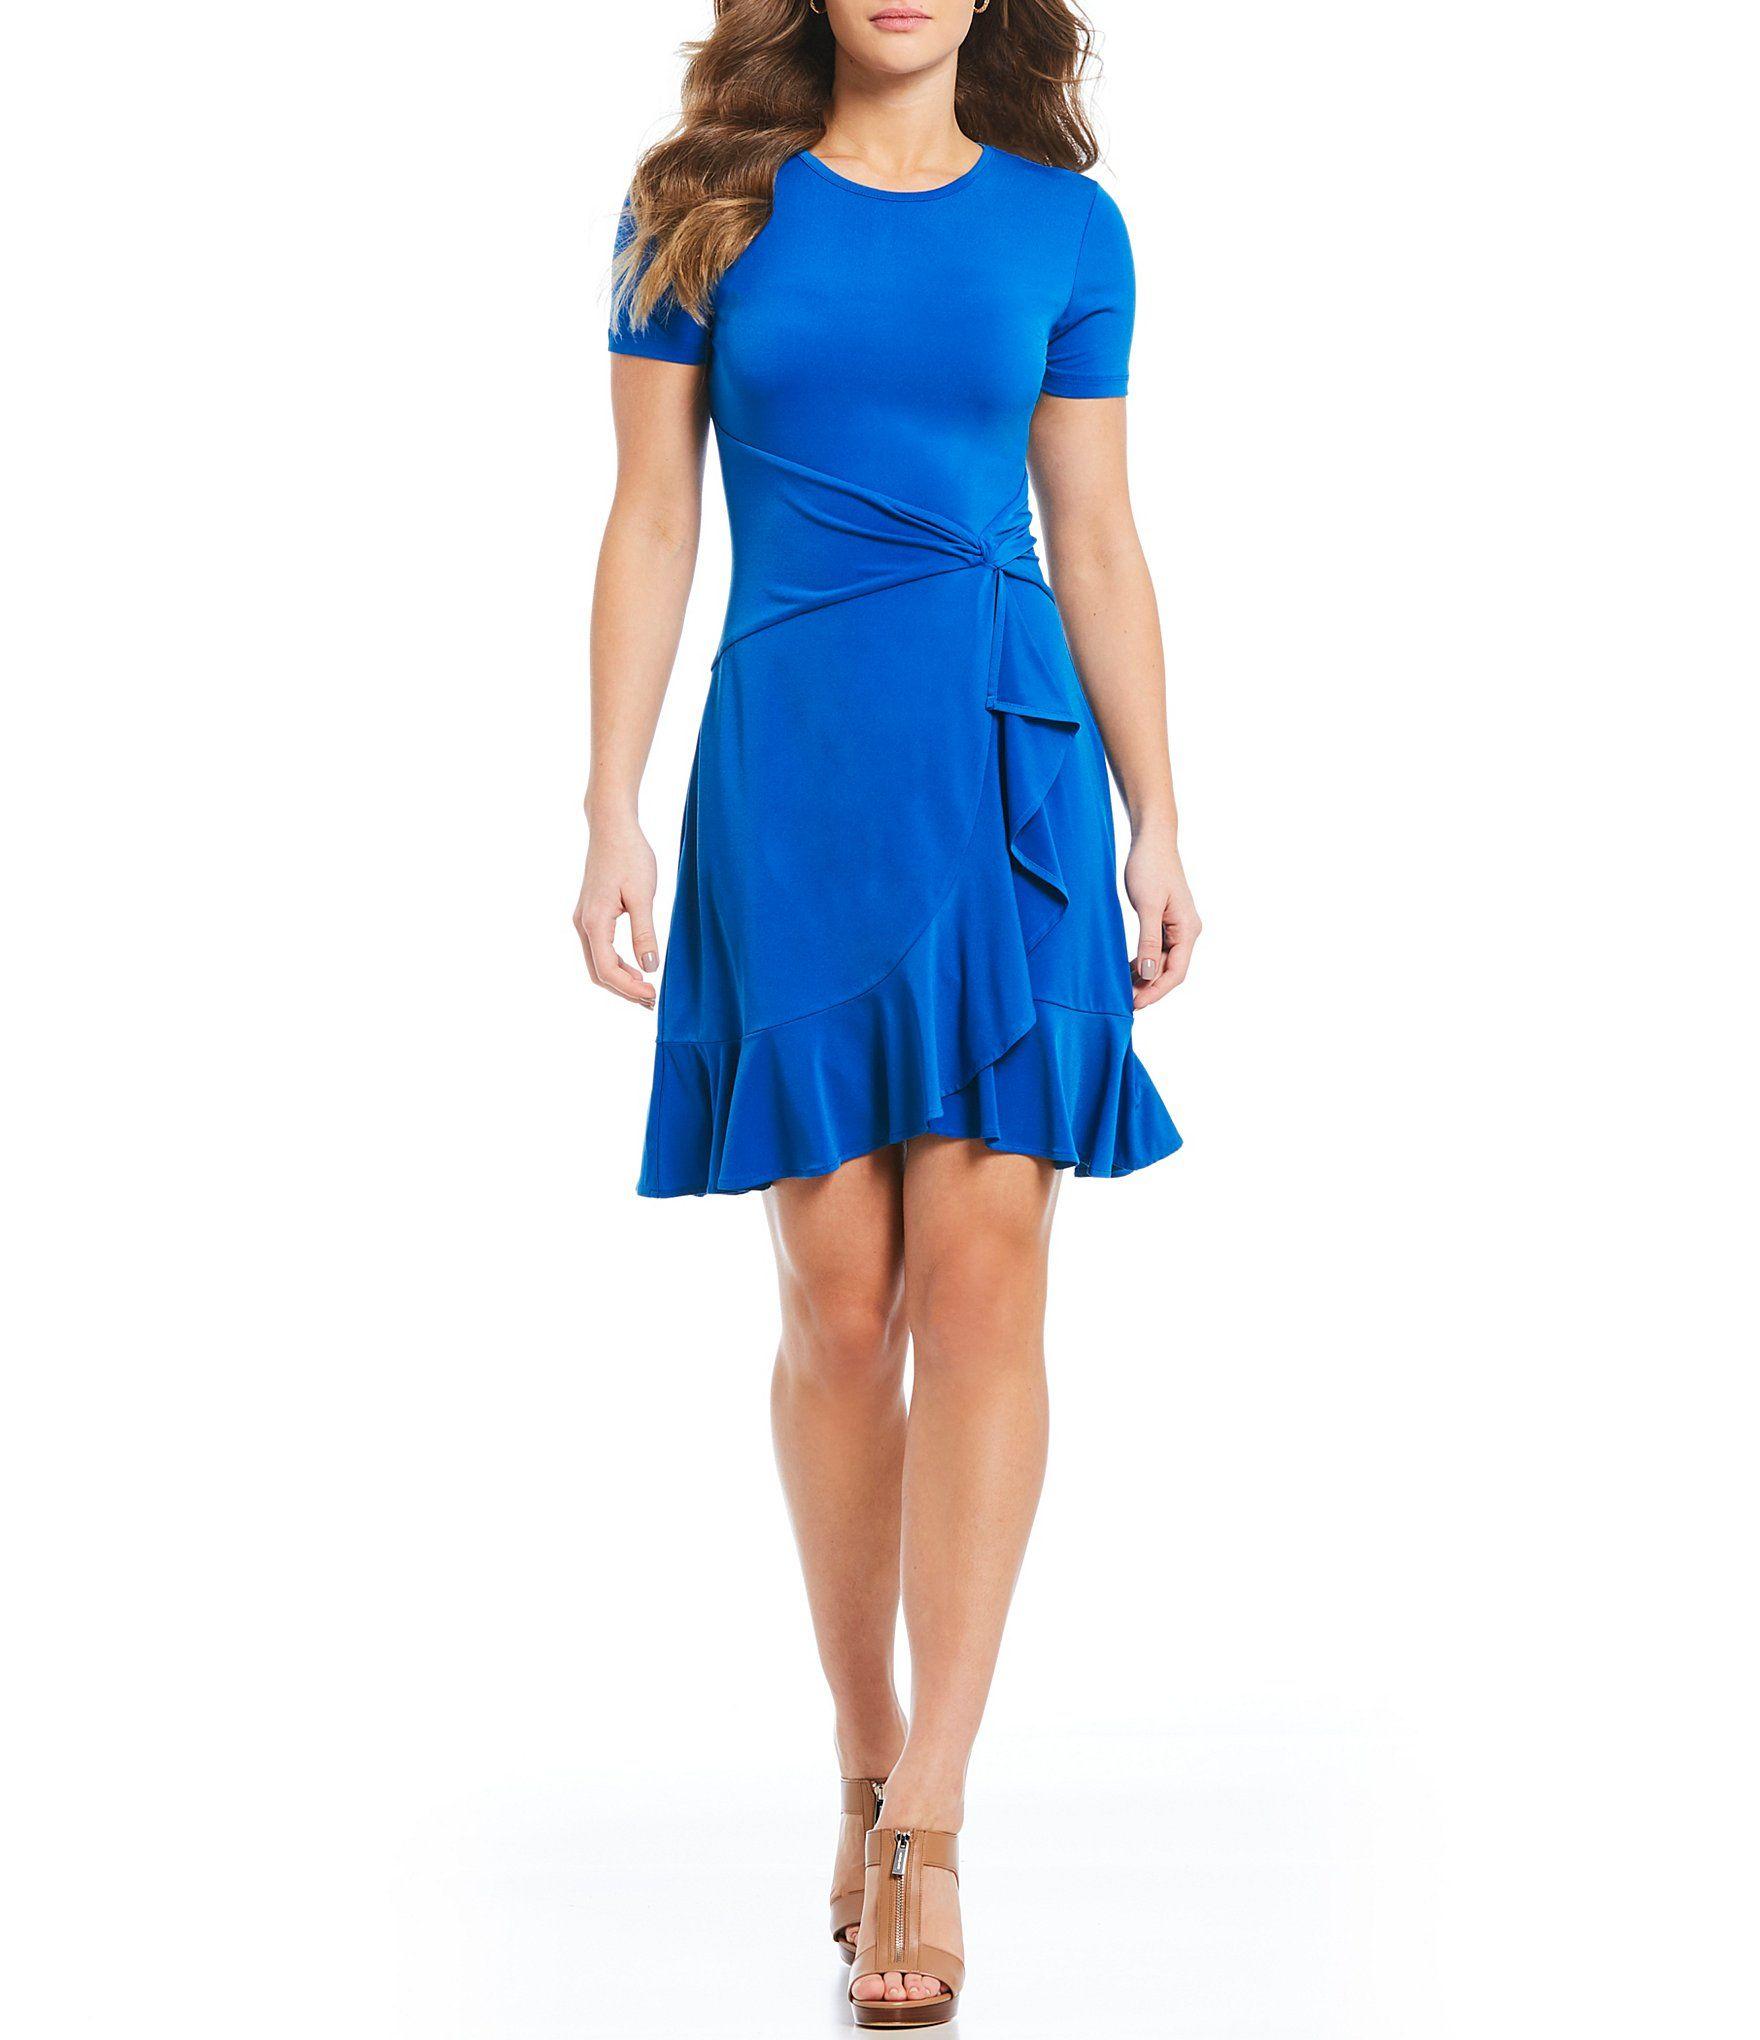 0f33a5af340 Shop for MICHAEL Michael Kors Matte Jersey Twist Waist Ruffle Hem Dress at  Dillards.com